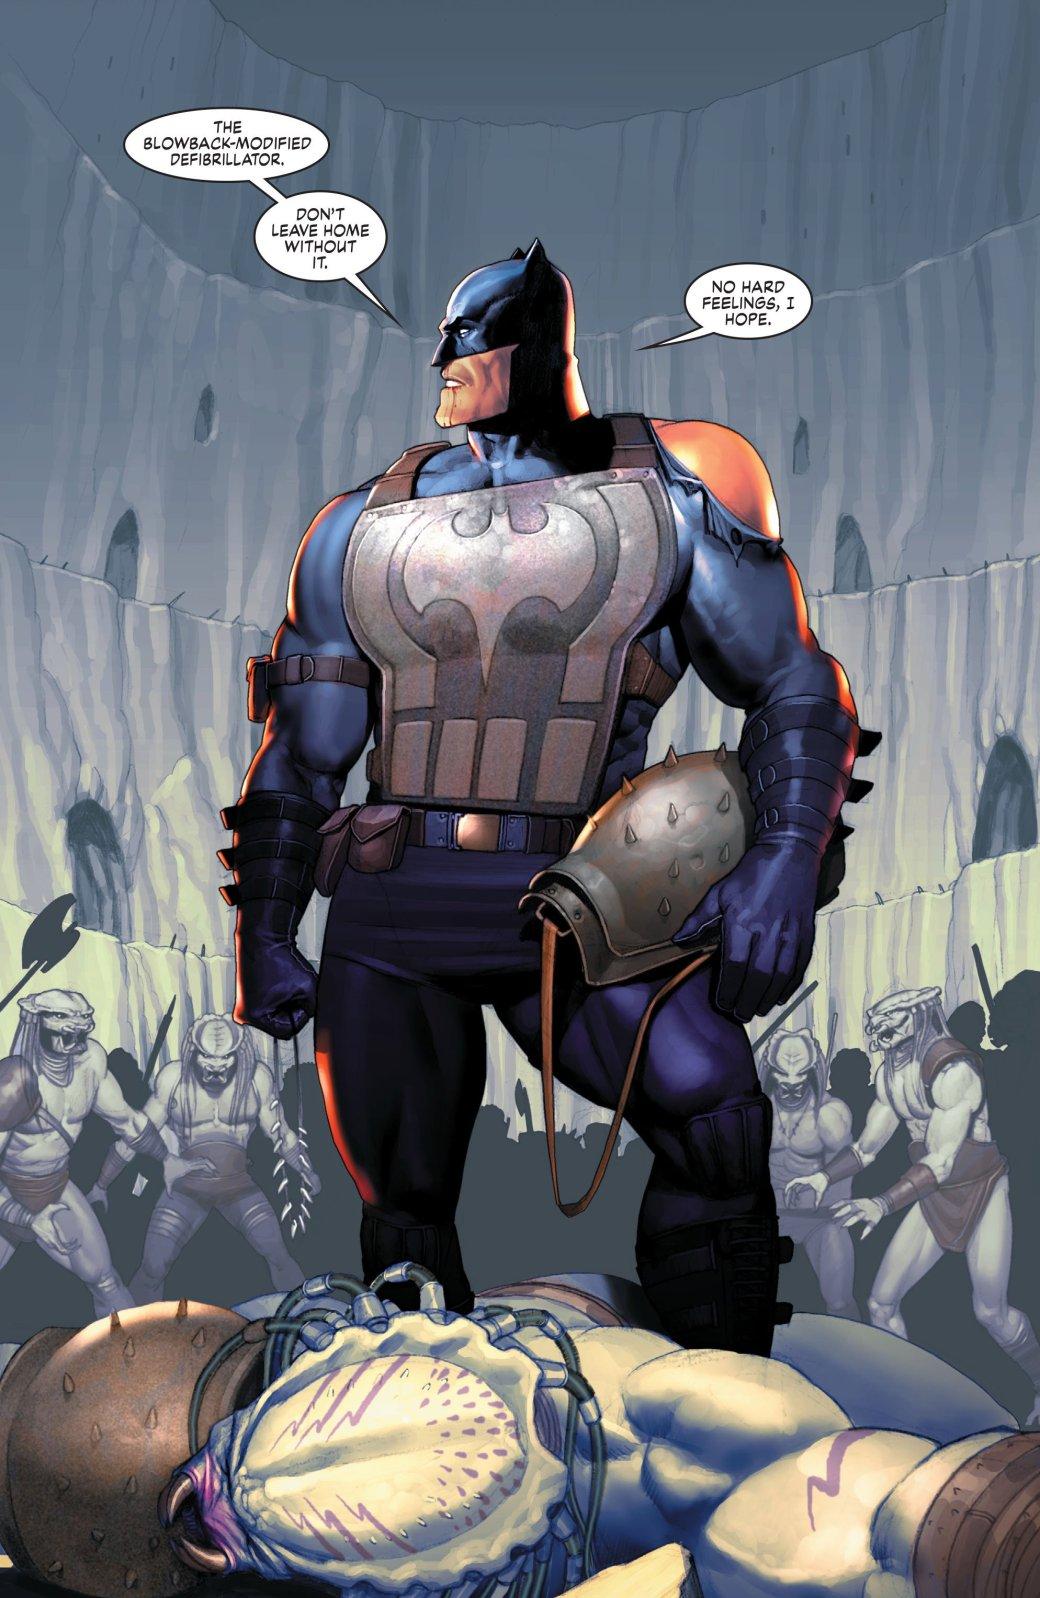 Бэтмен против Чужого?! Безумные комикс-кроссоверы сксеноморфами | Канобу - Изображение 30